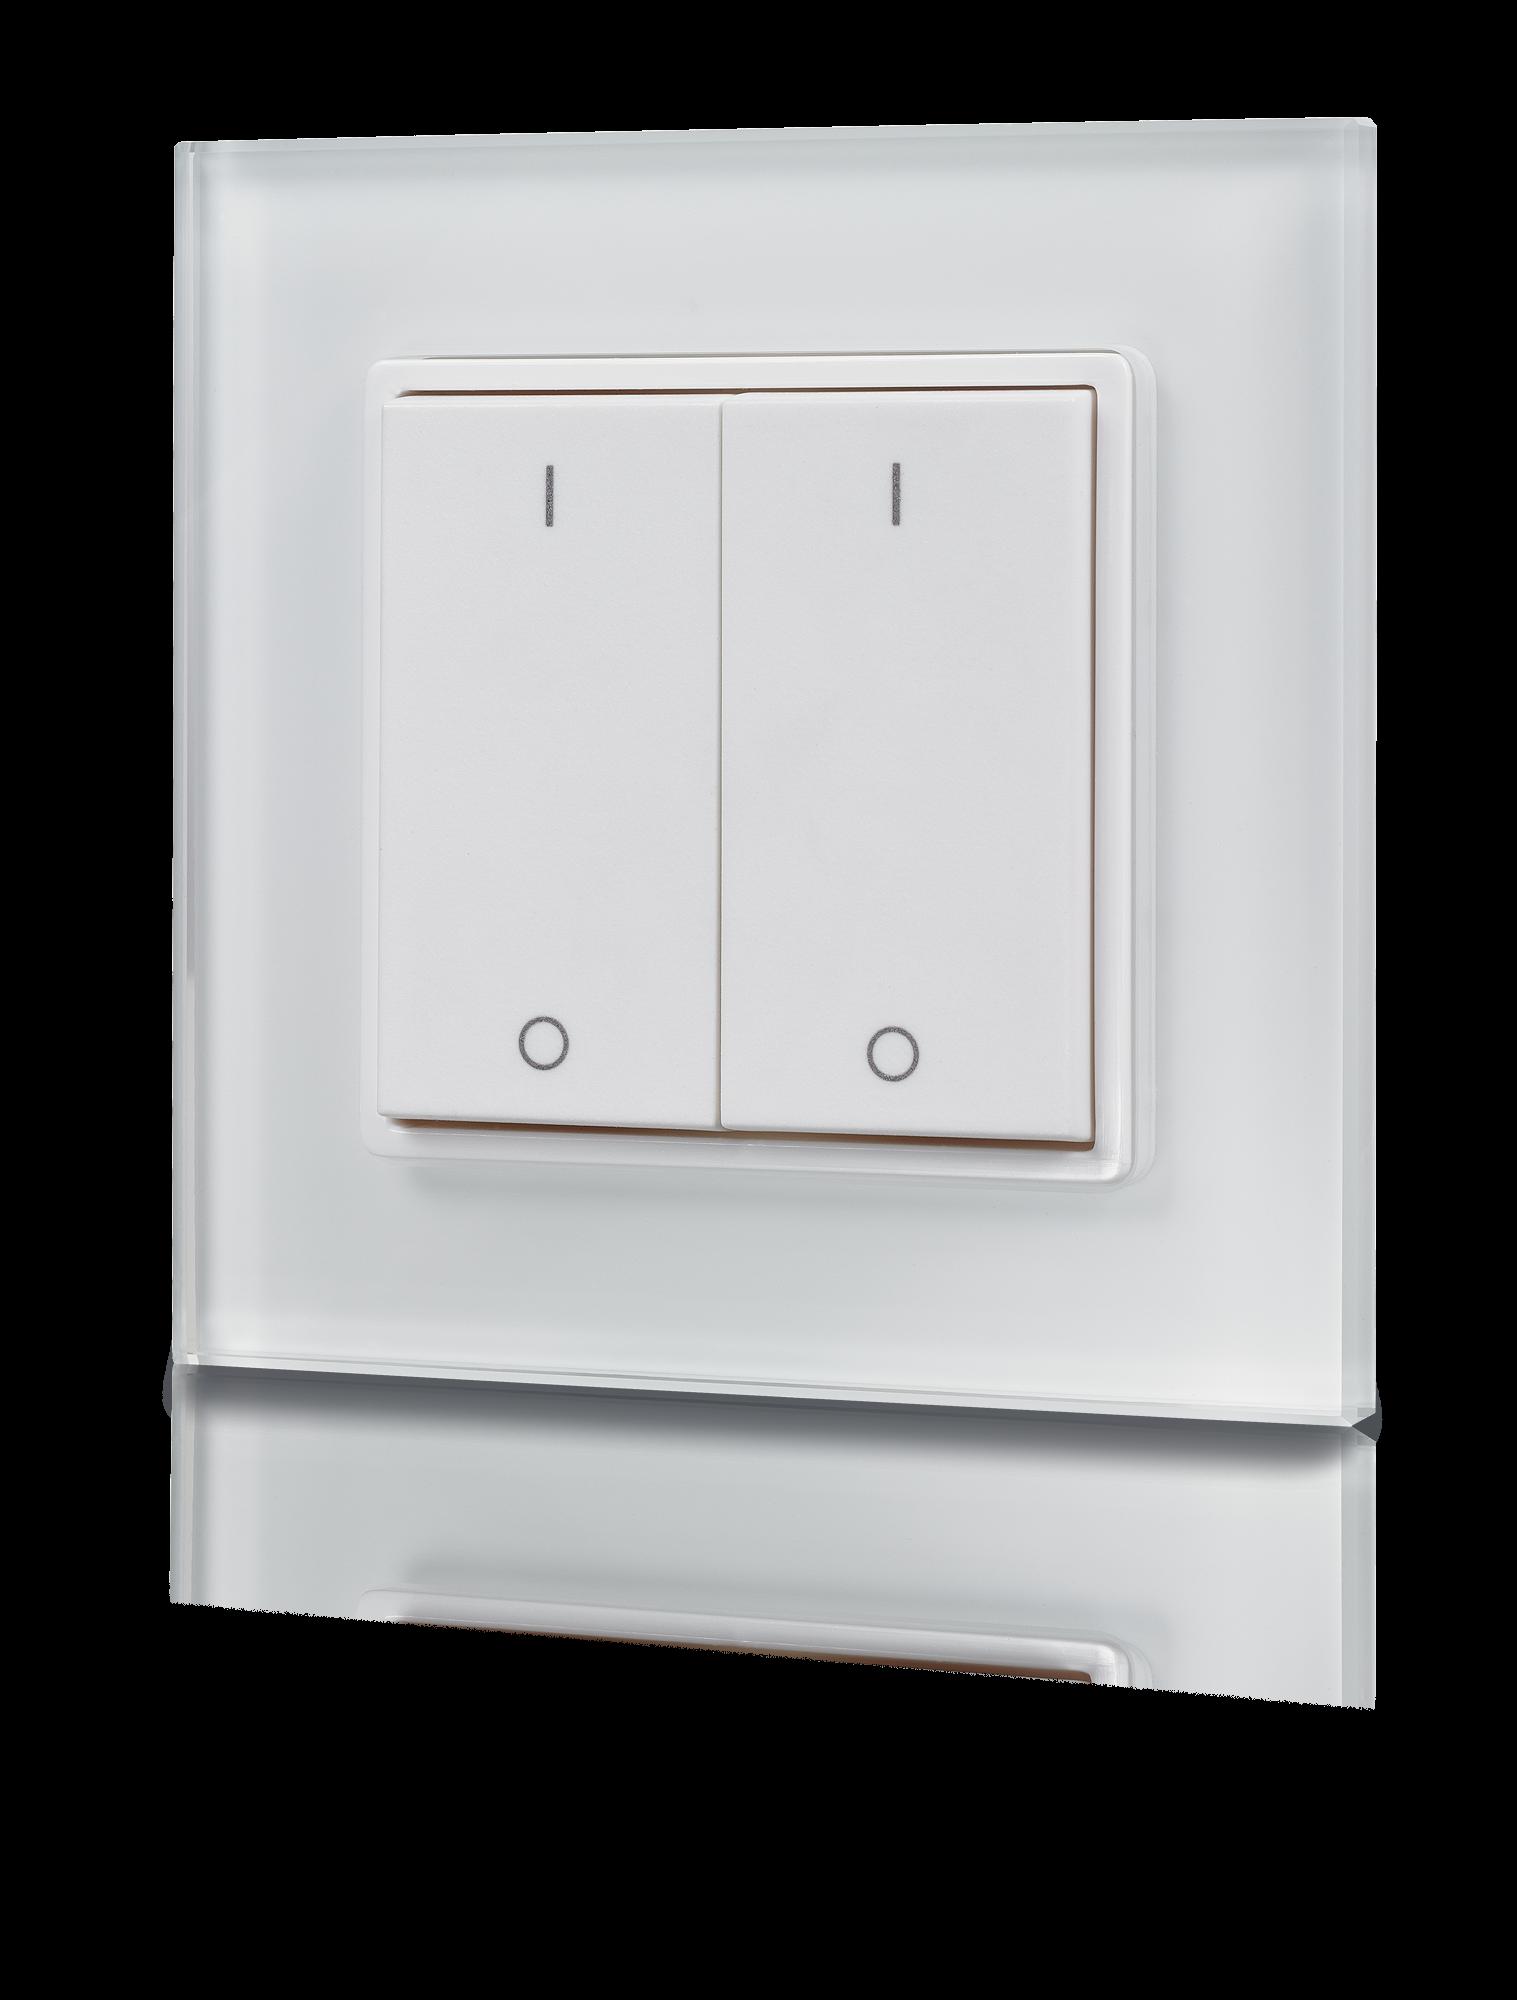 24 volt LED Dimmer afstandsbeding